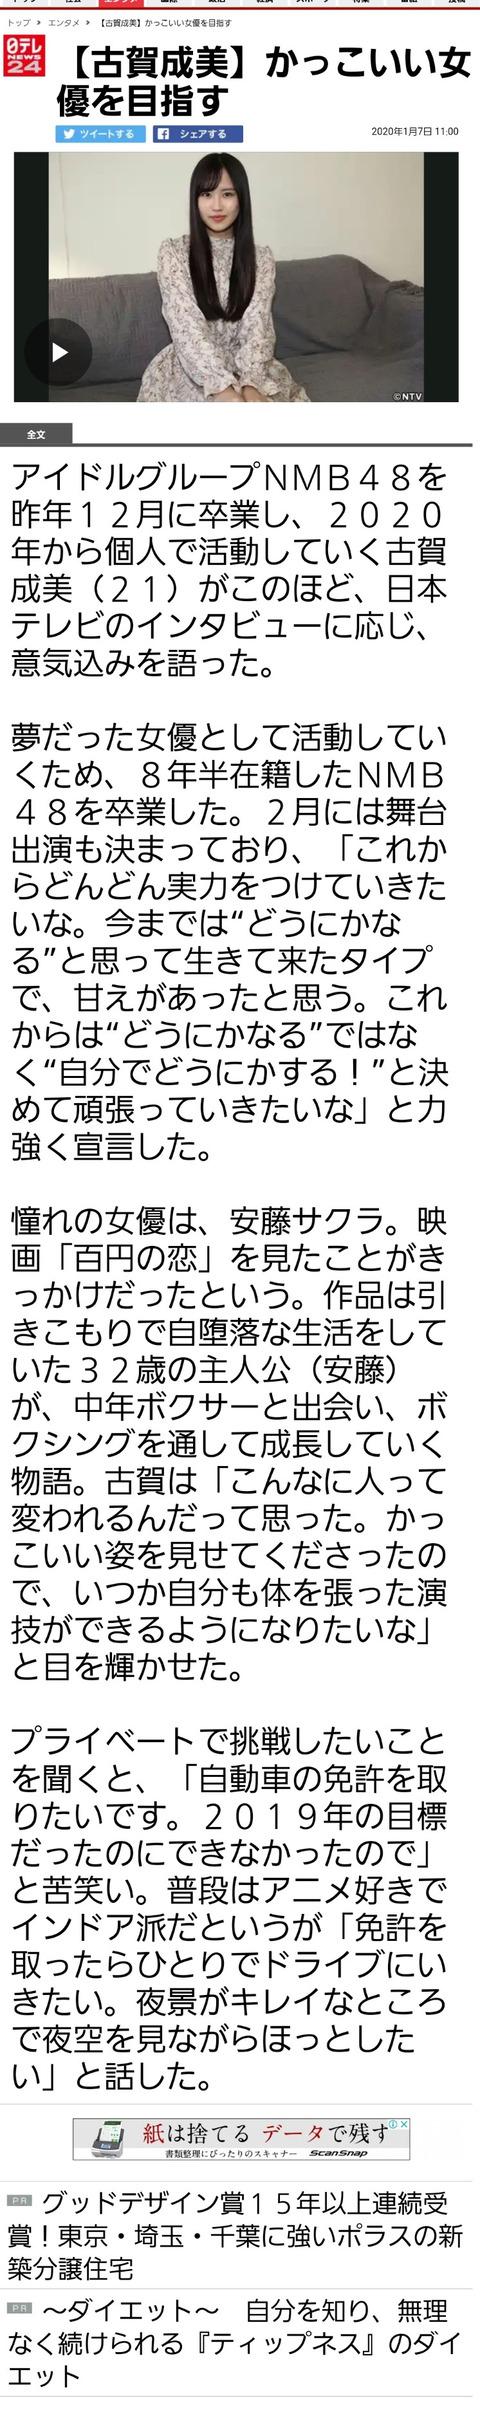 【元NMB48】古賀成美が日テレニュースに!イトーカンパニーつえー!!!